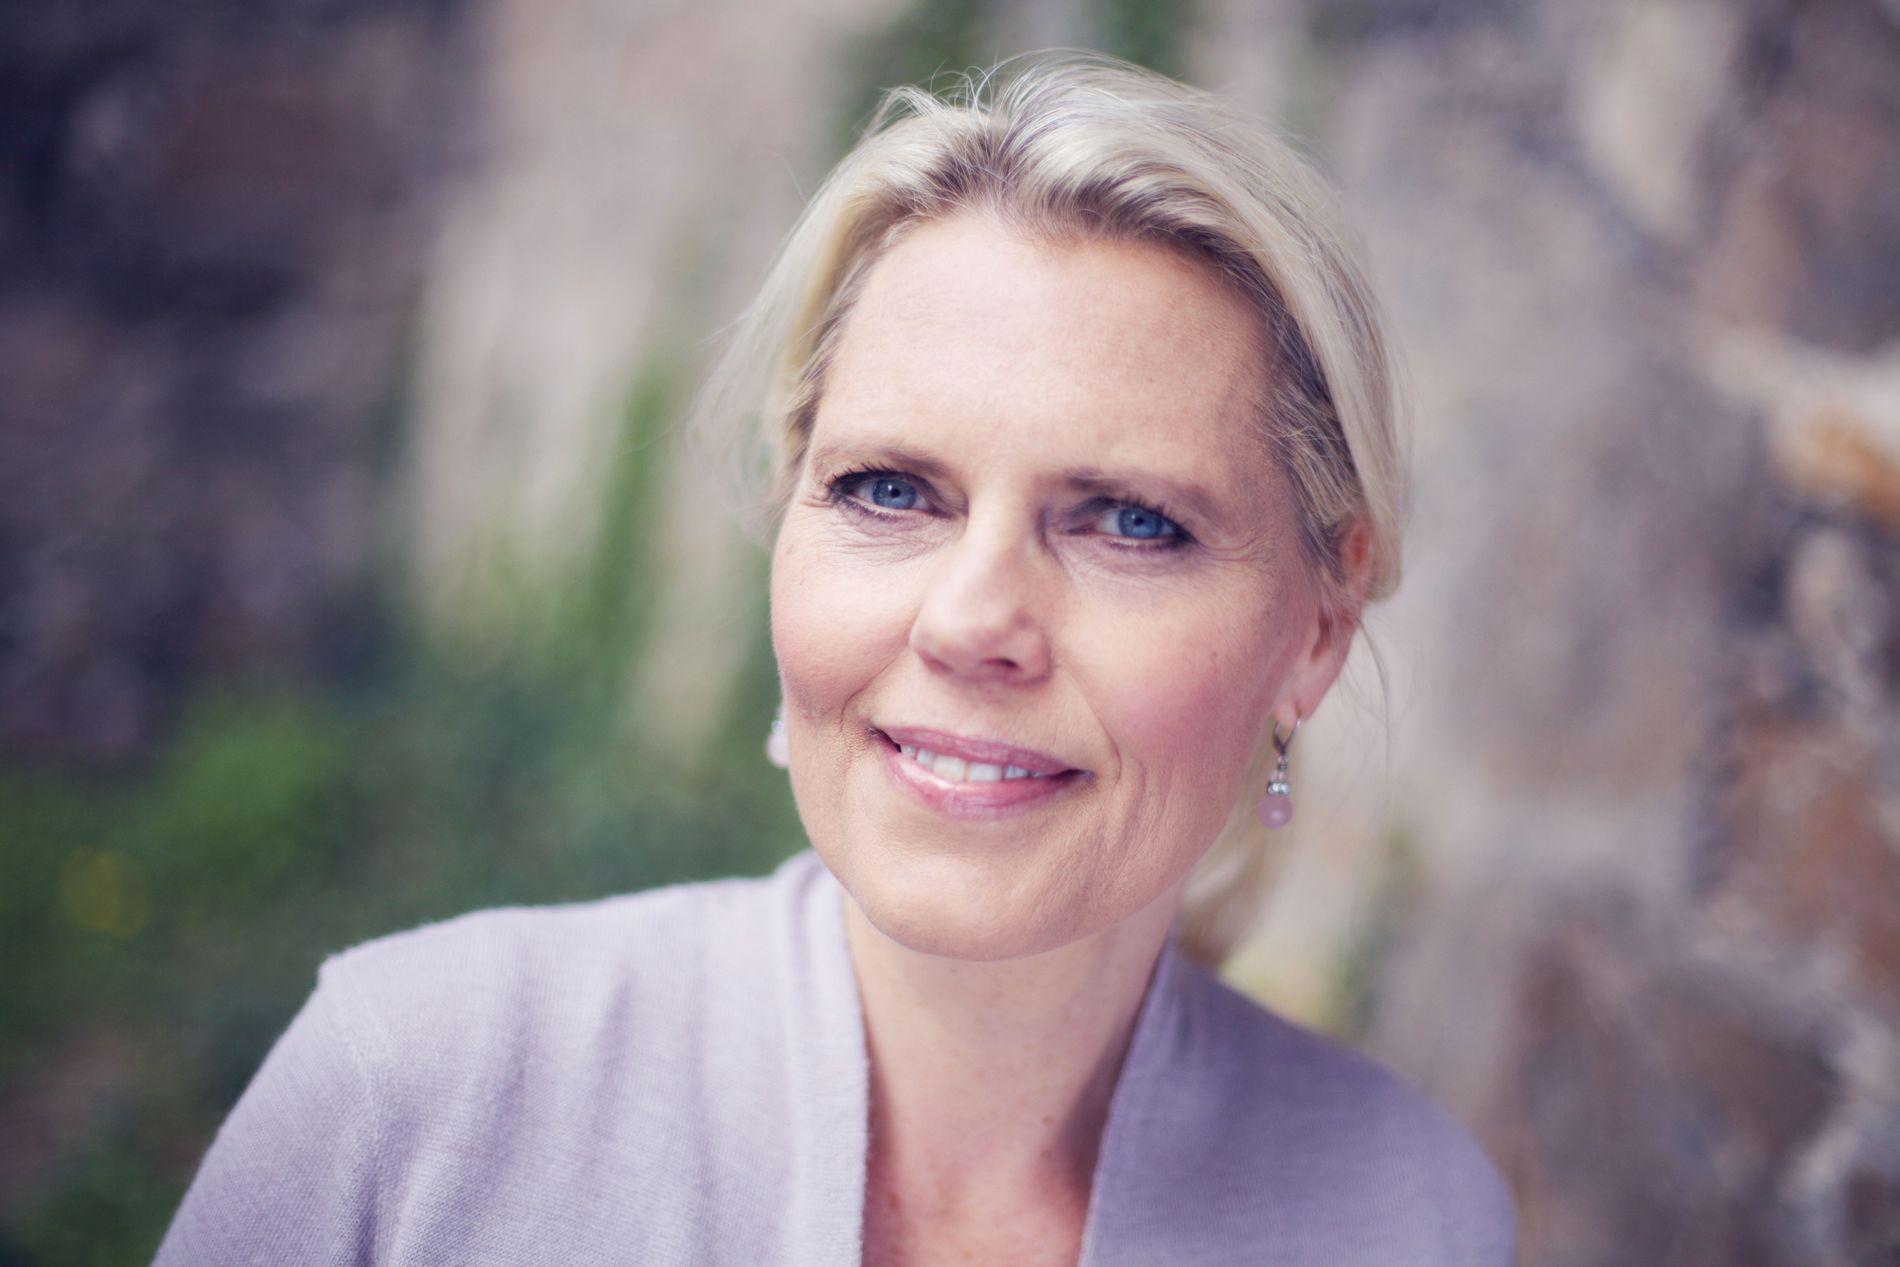 NÆRT: VGs anmelder mener det er på tide at det kommer en bok om Anne Brannfjell og at forfatter Ellen Vahr (bildet) skaper nære og rørende scener.